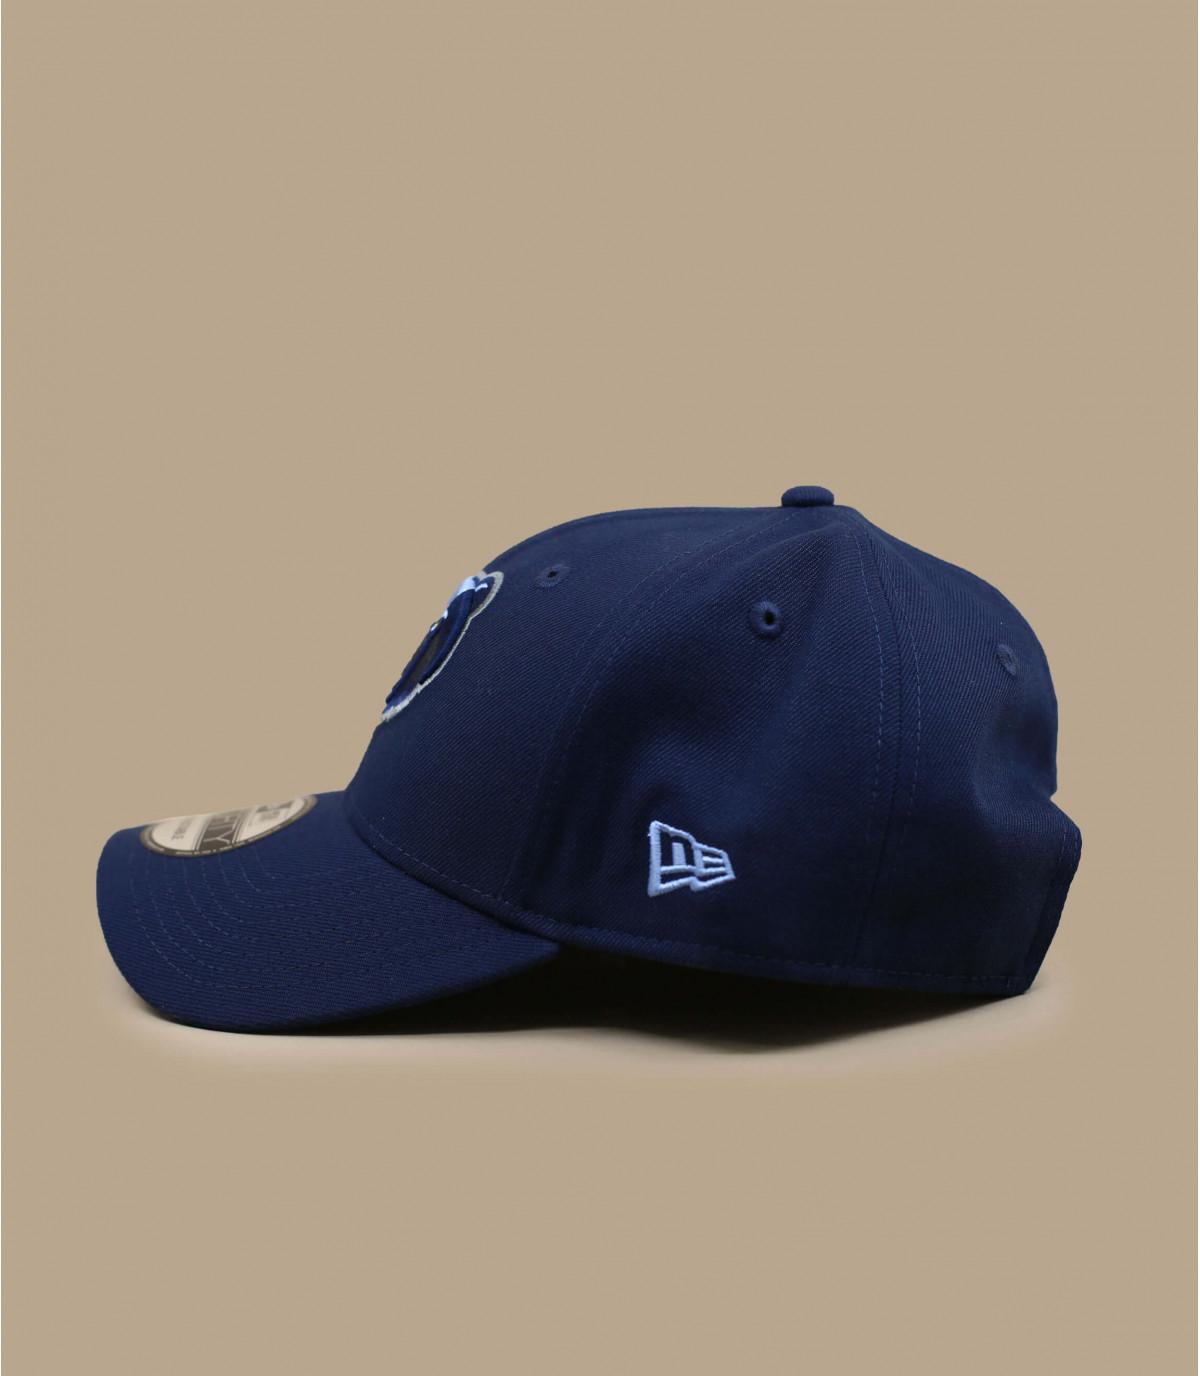 gorra Grizzlies azul marino - NBA The League Grizzlies de New Era ... 2c9d885eba1